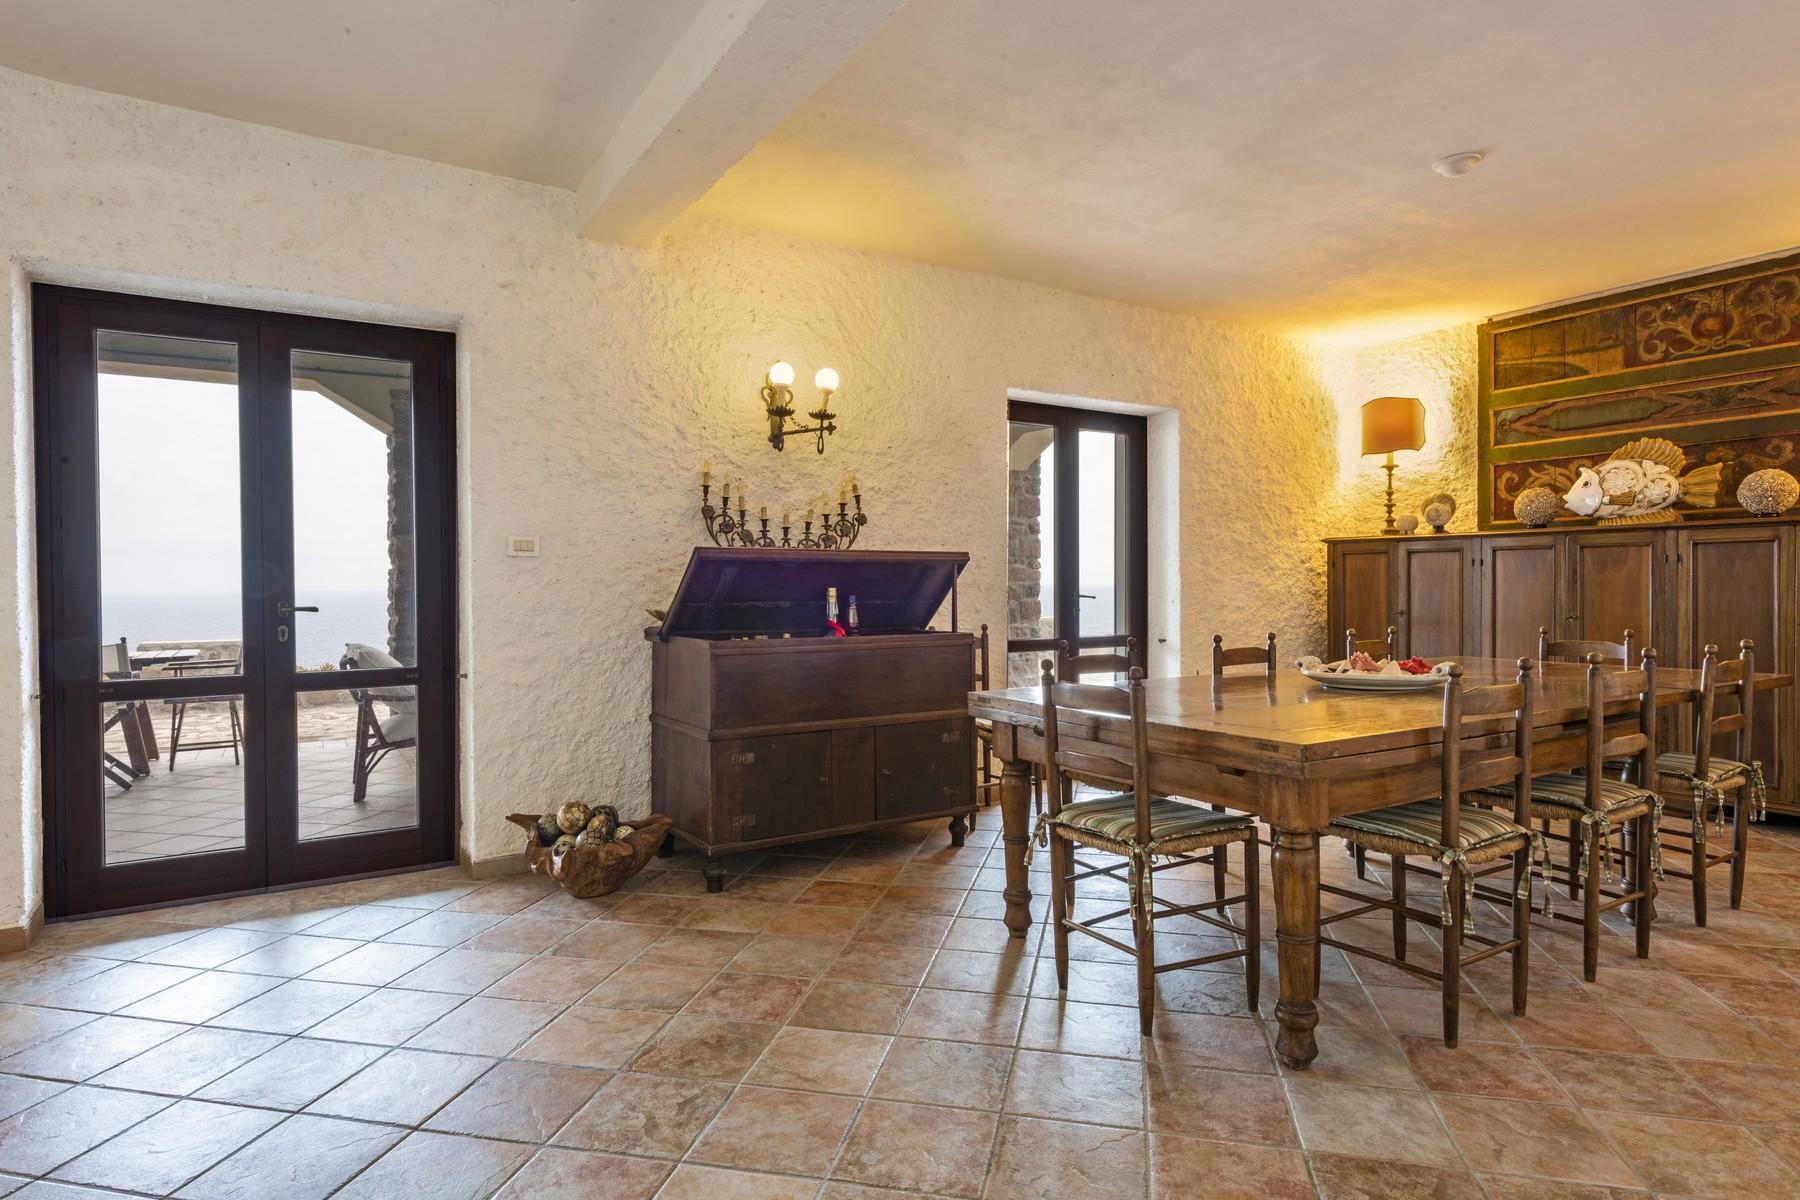 Villa in Vendita a Capraia Isola: 5 locali, 320 mq - Foto 13